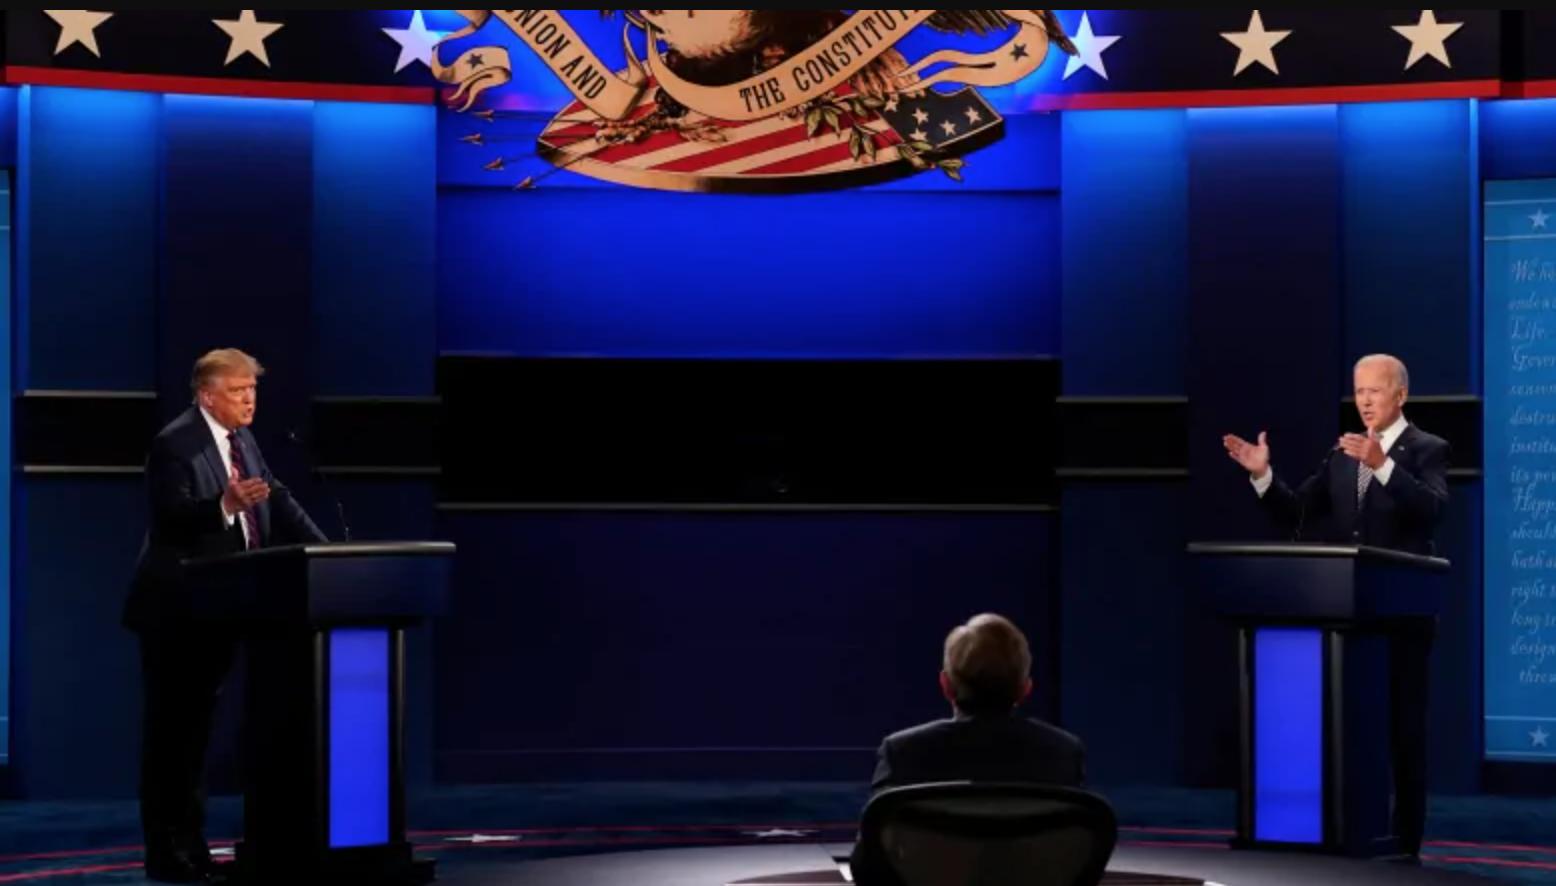 2020 presidential debate